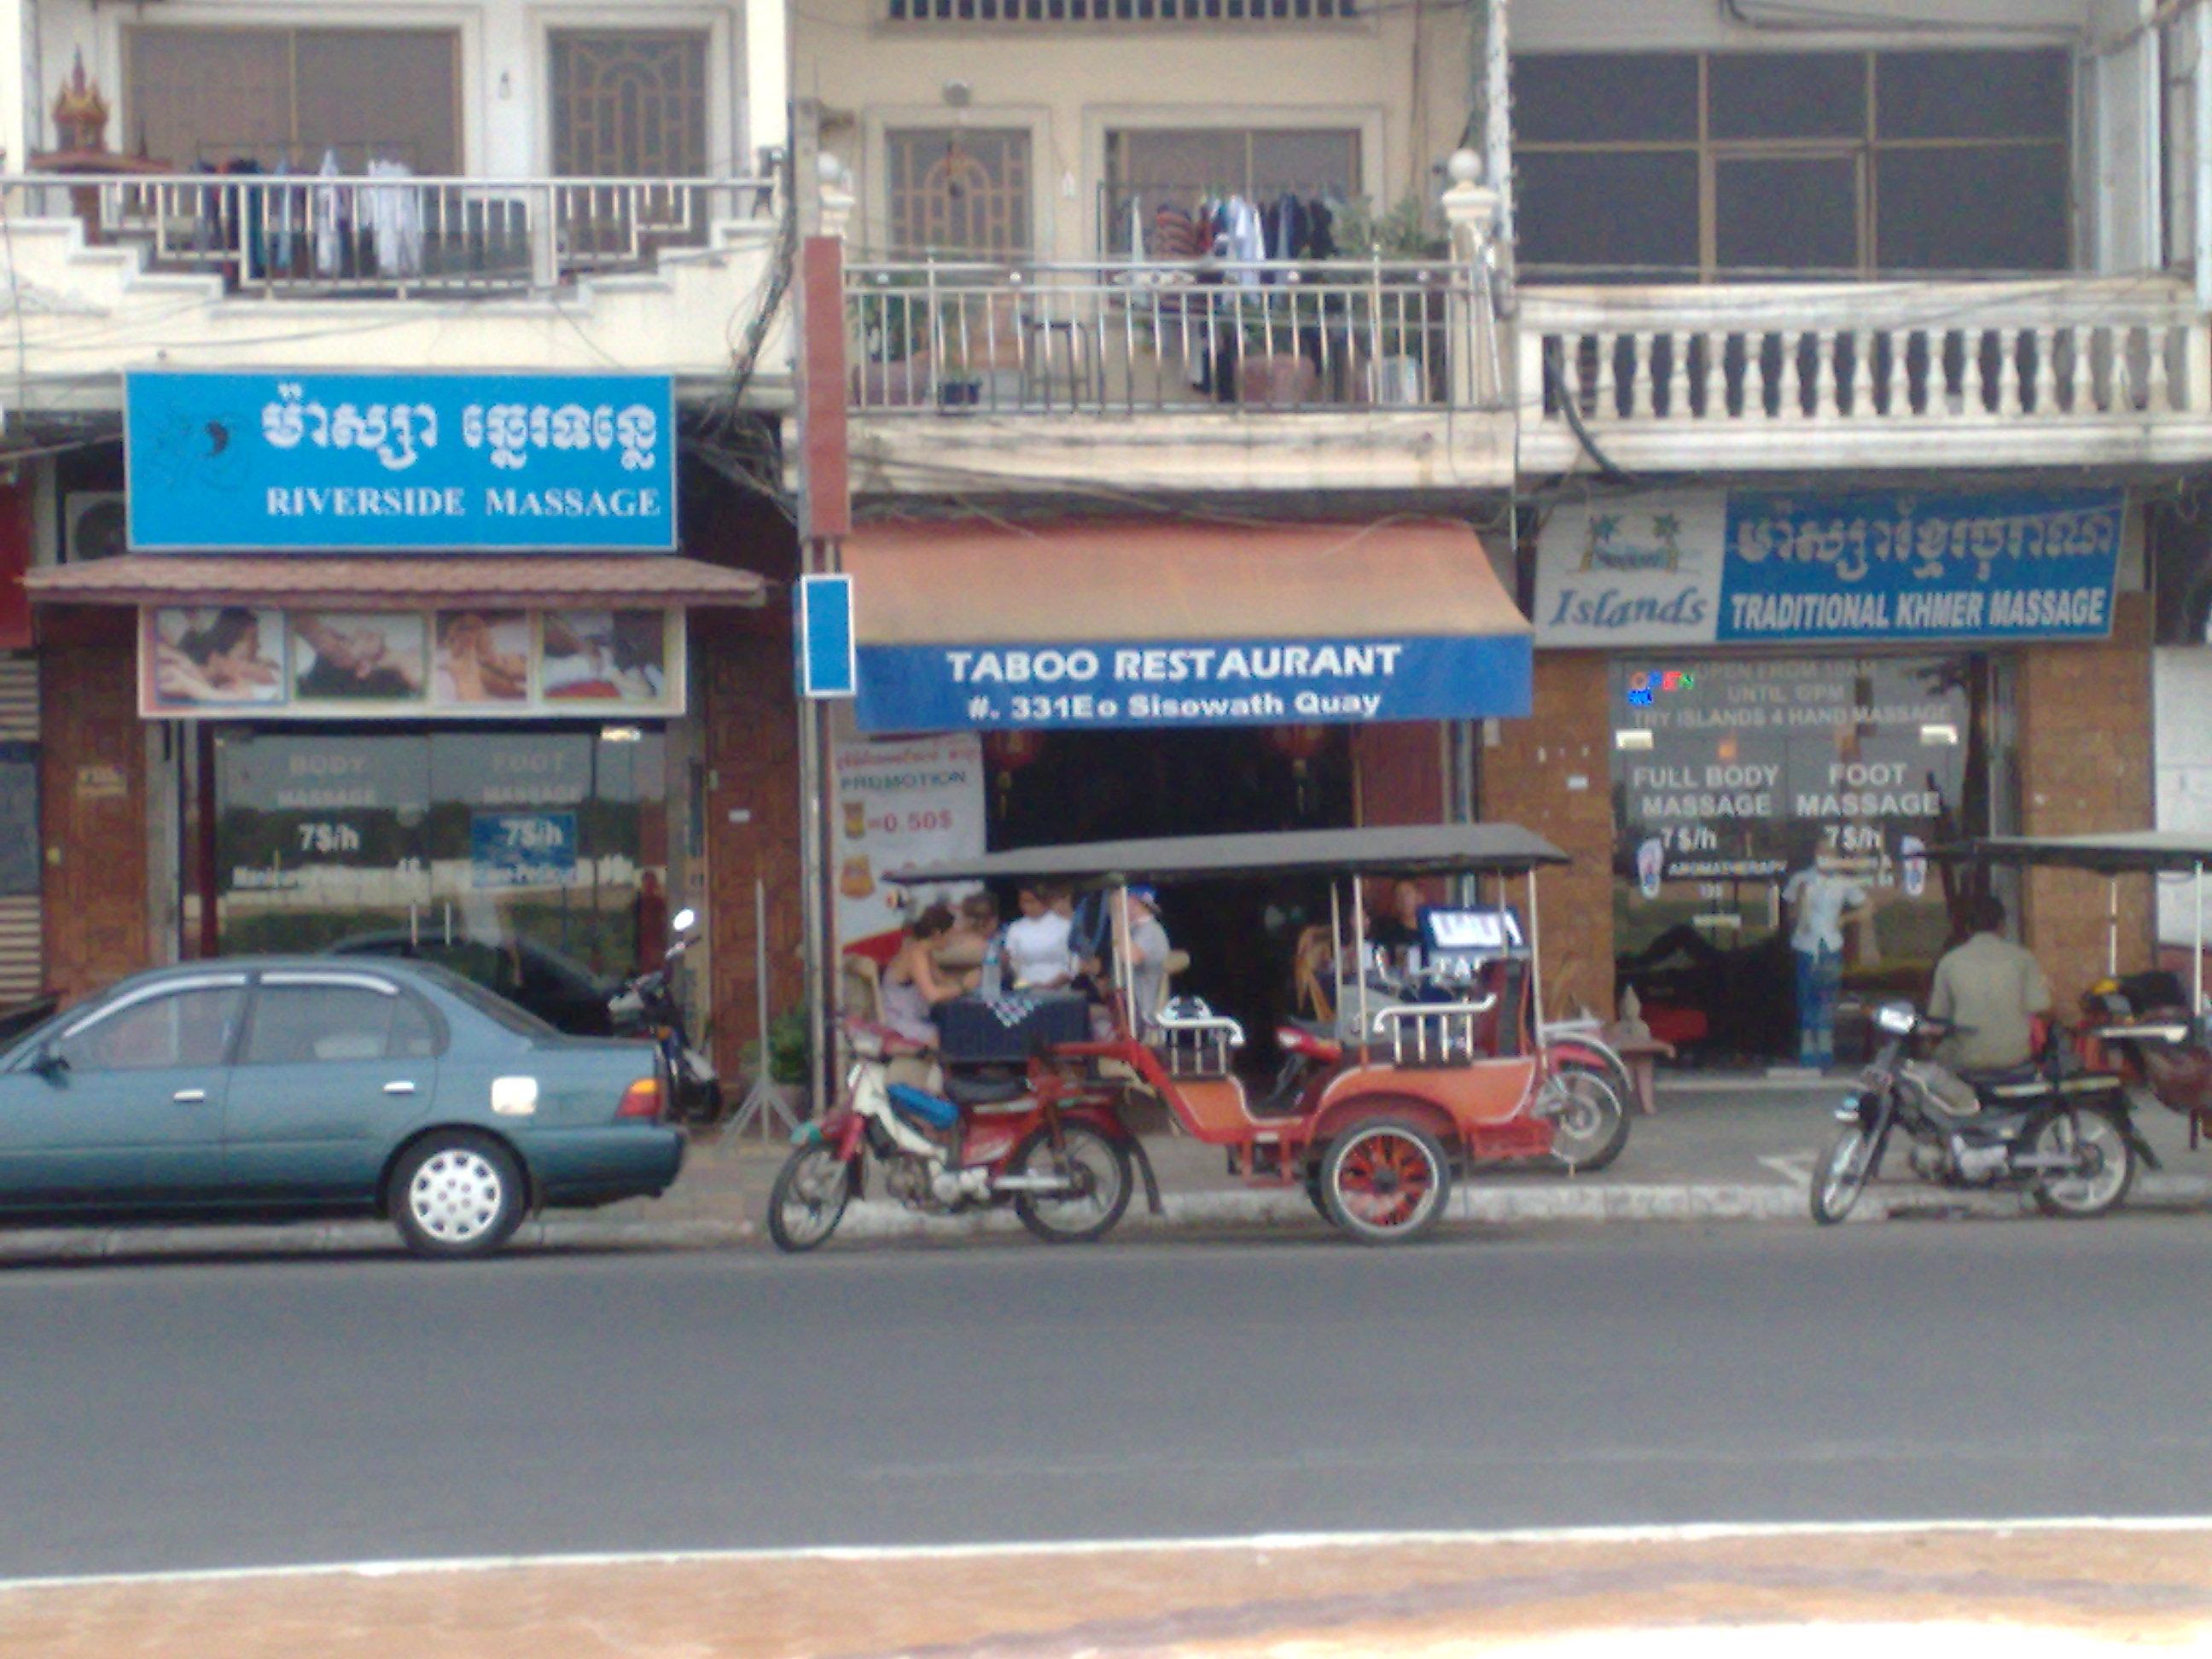 File:Taboo restaurant phnom penh 01032011075.jpg - Wikimedia Commons